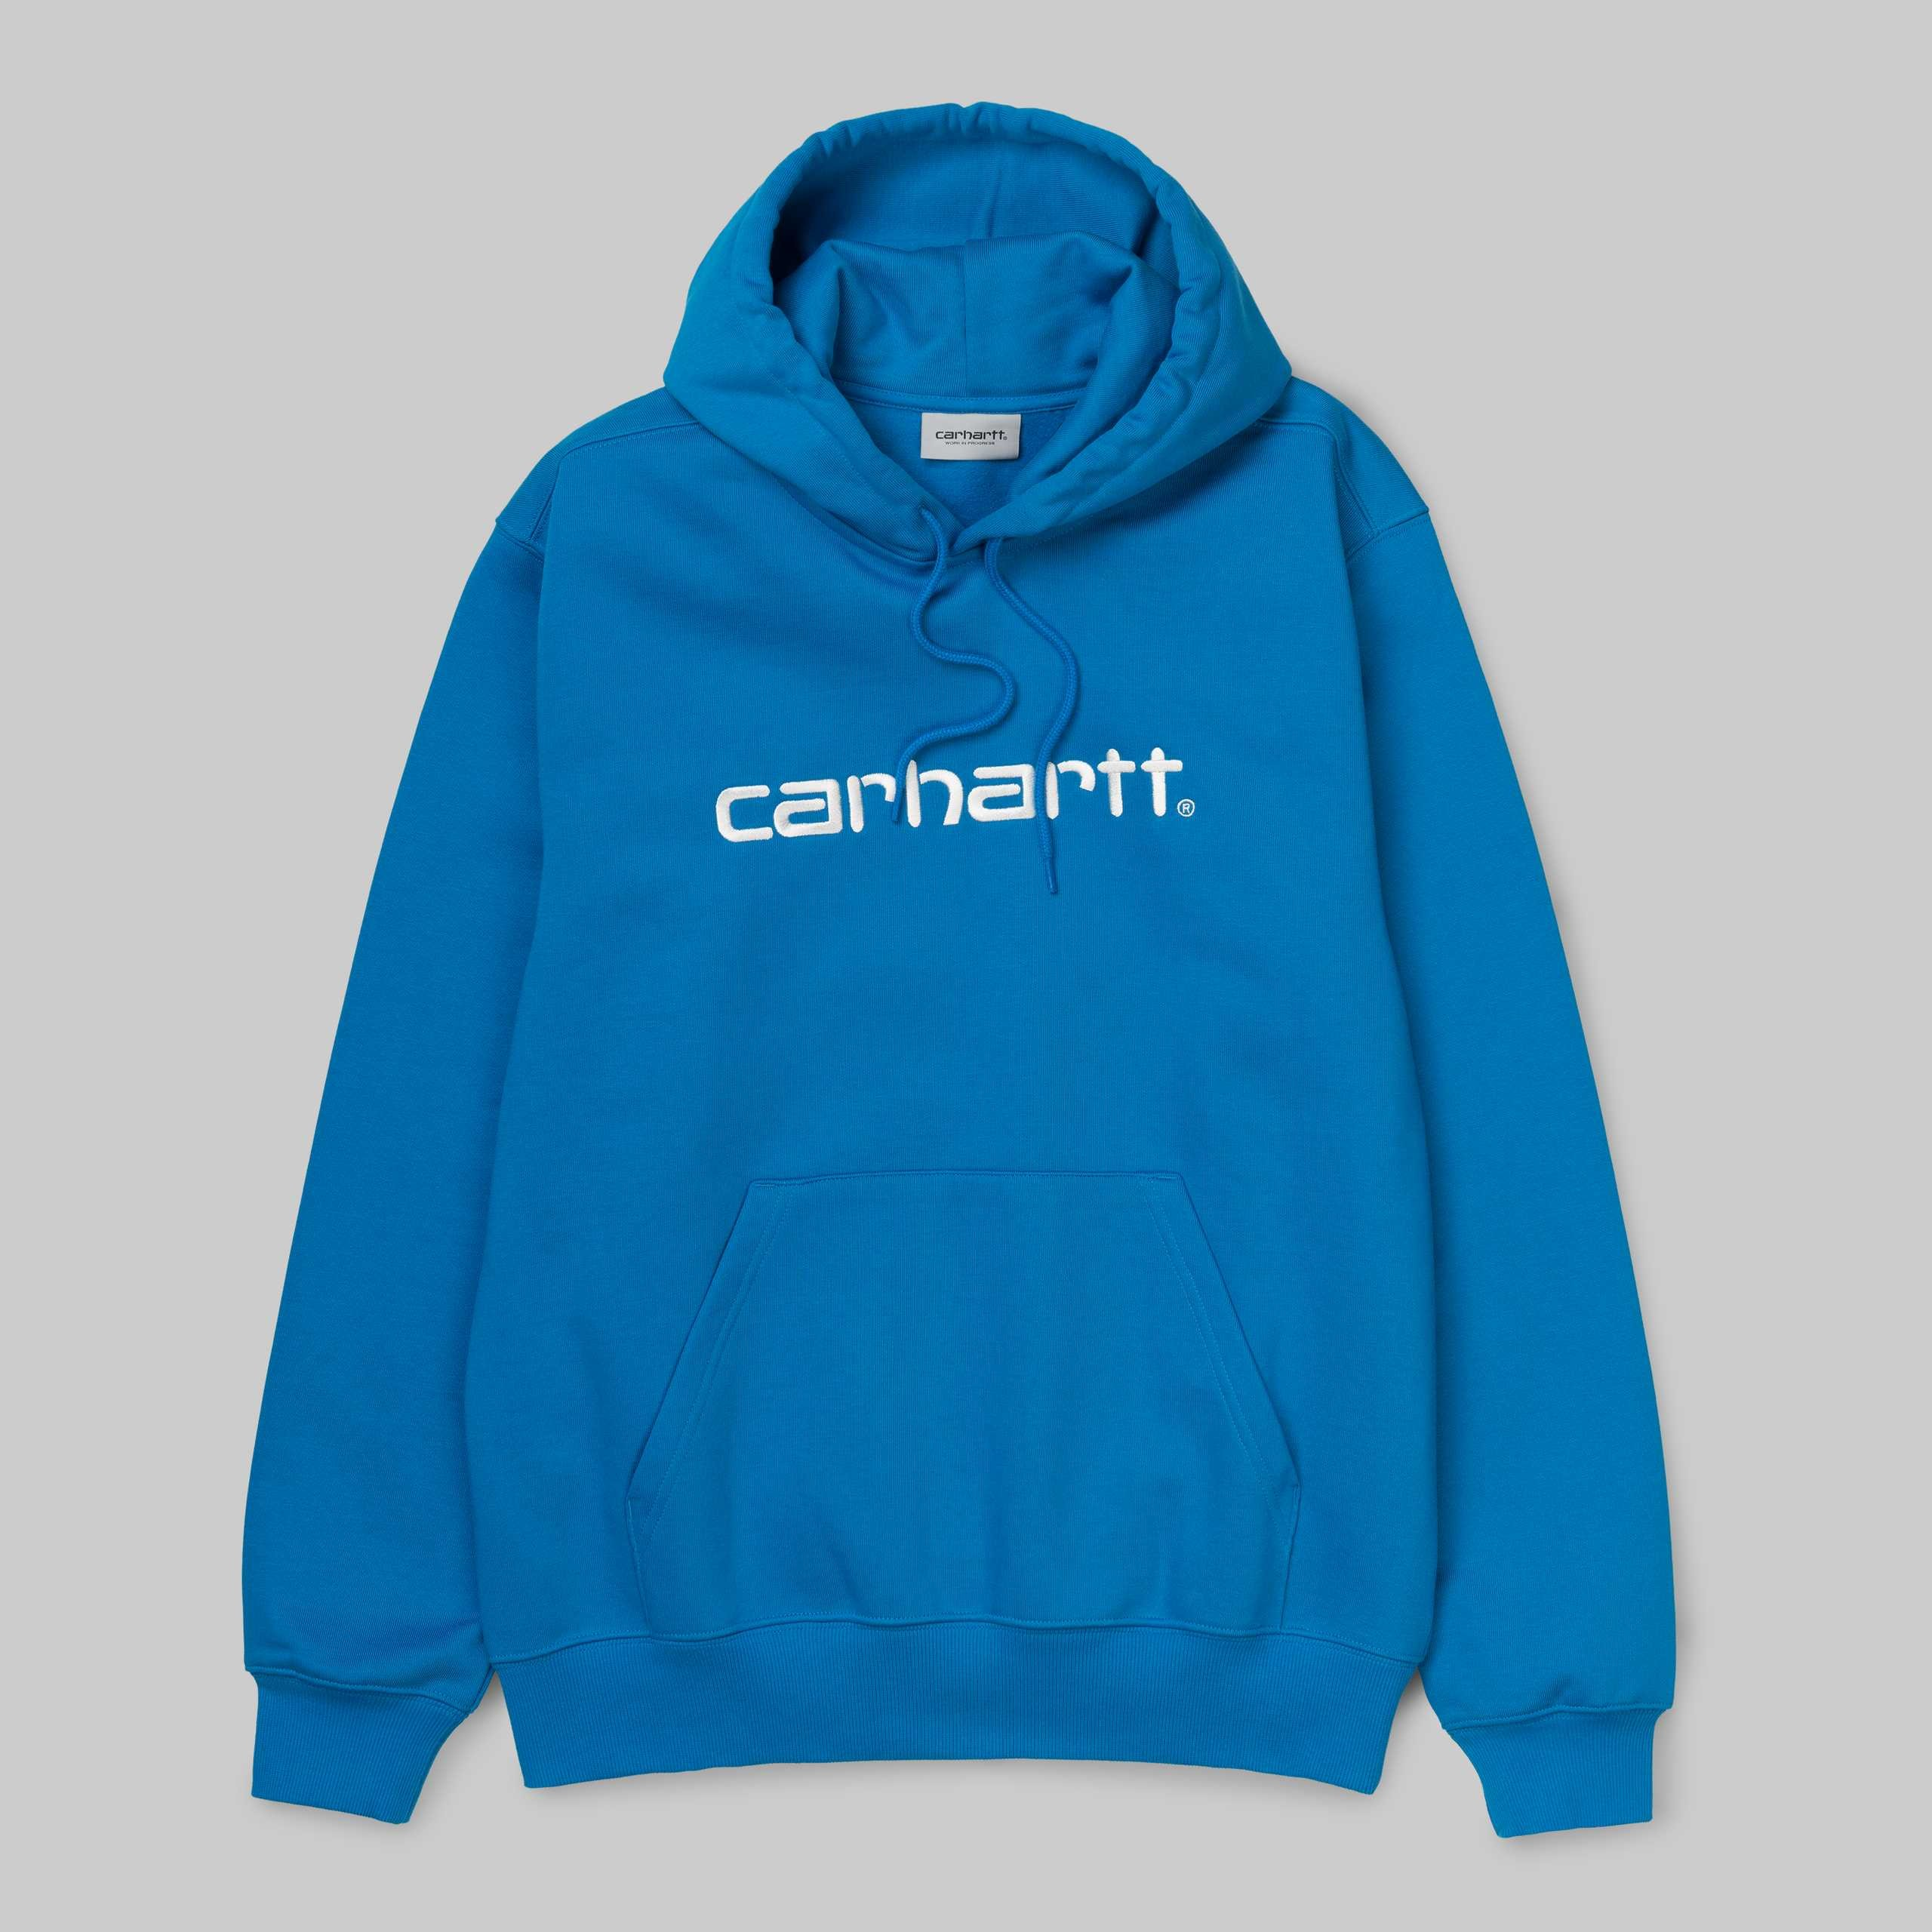 SWEAT A CAPUCHE CARHARTT BLEU ECRIT CARHARTT